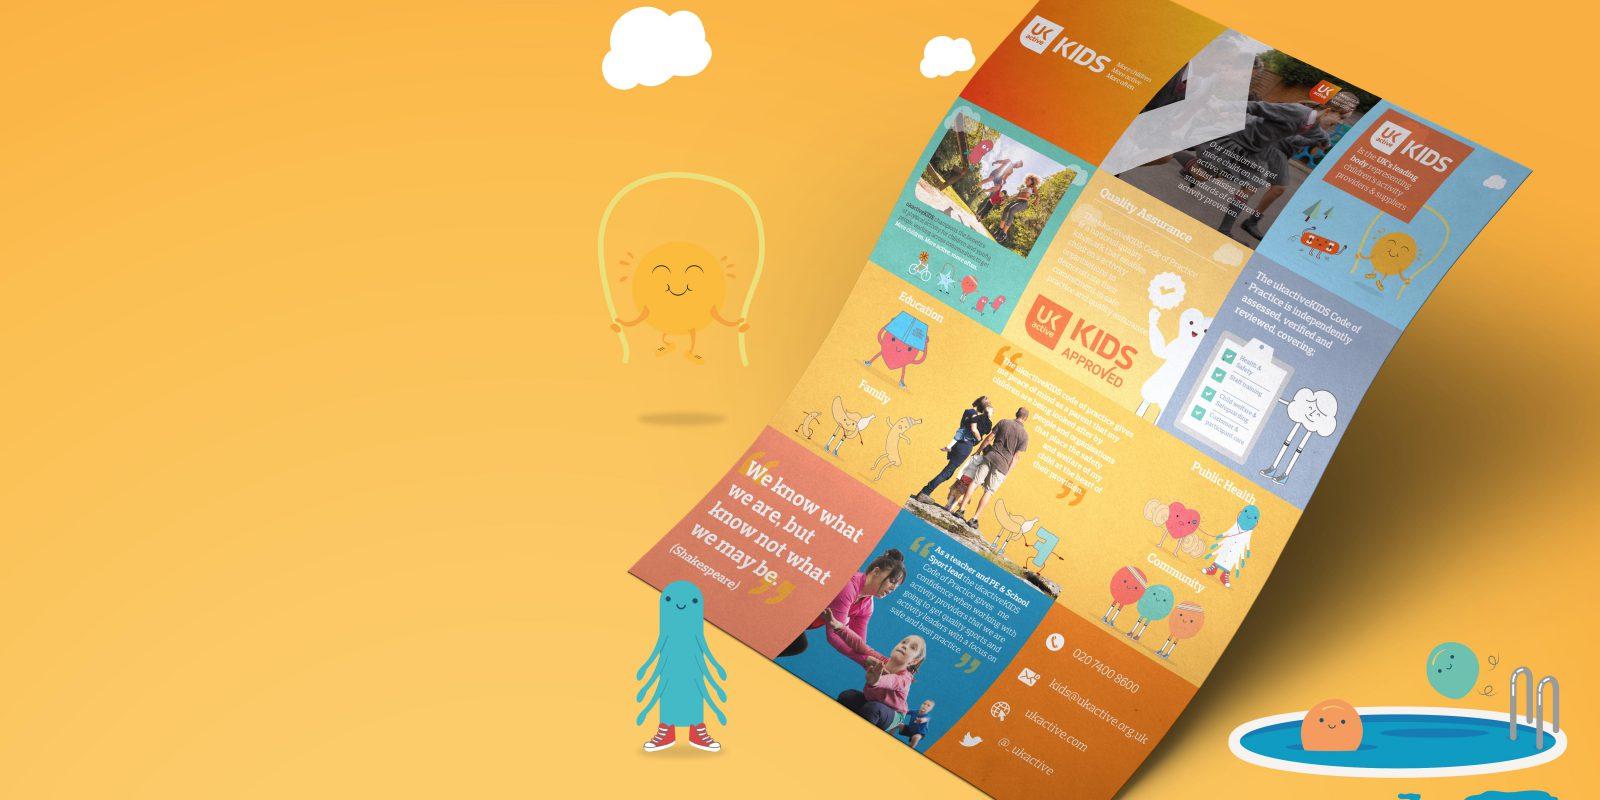 Ukactive Kids Booklet Design